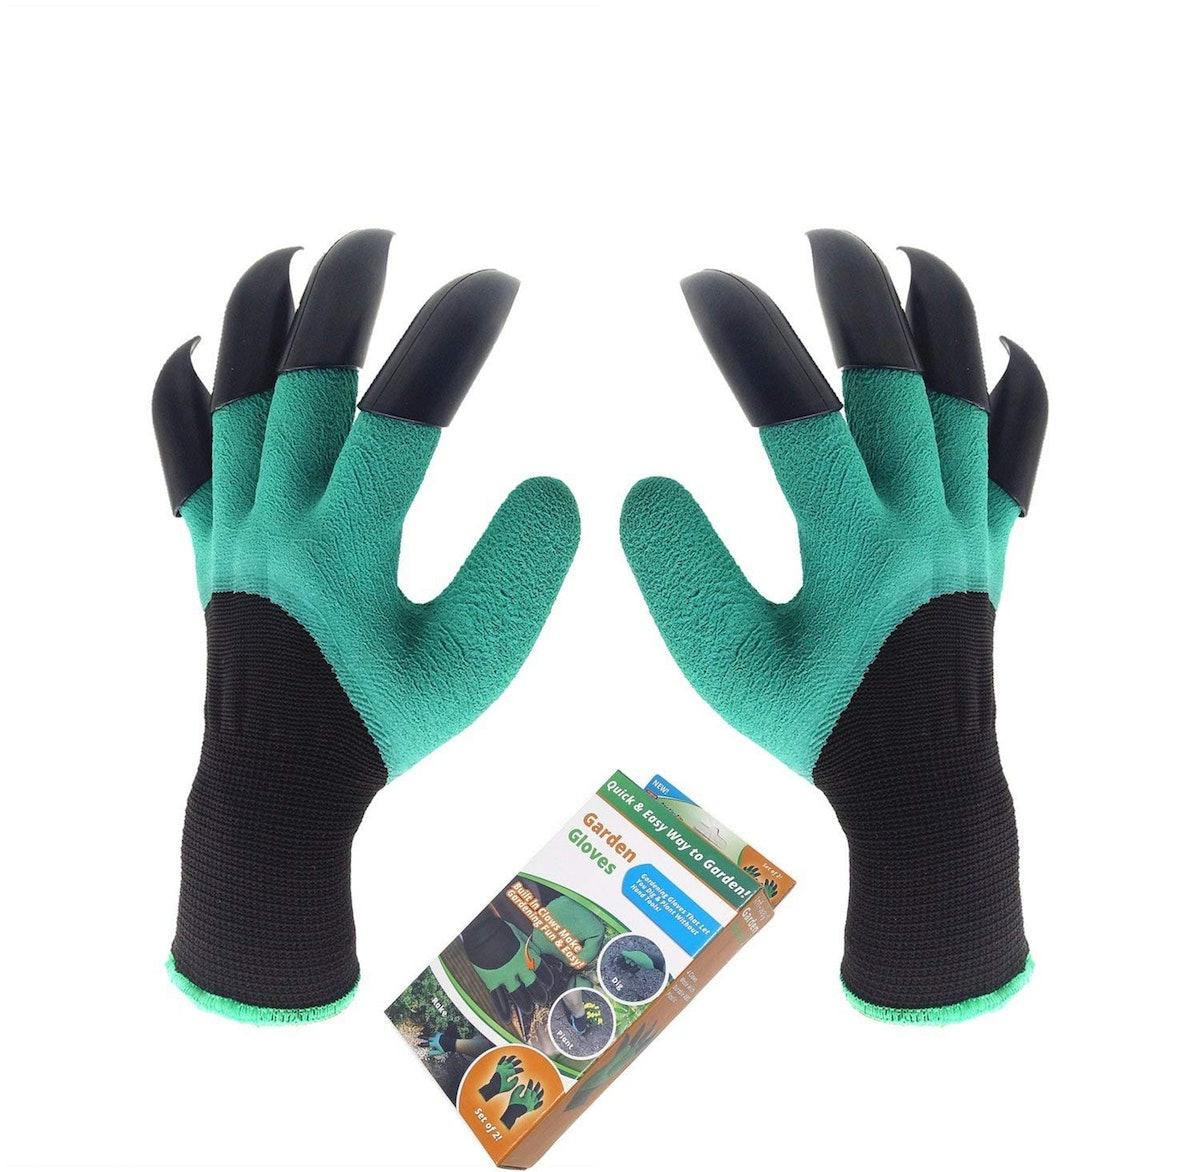 Inf-way Garden Genie Gloves